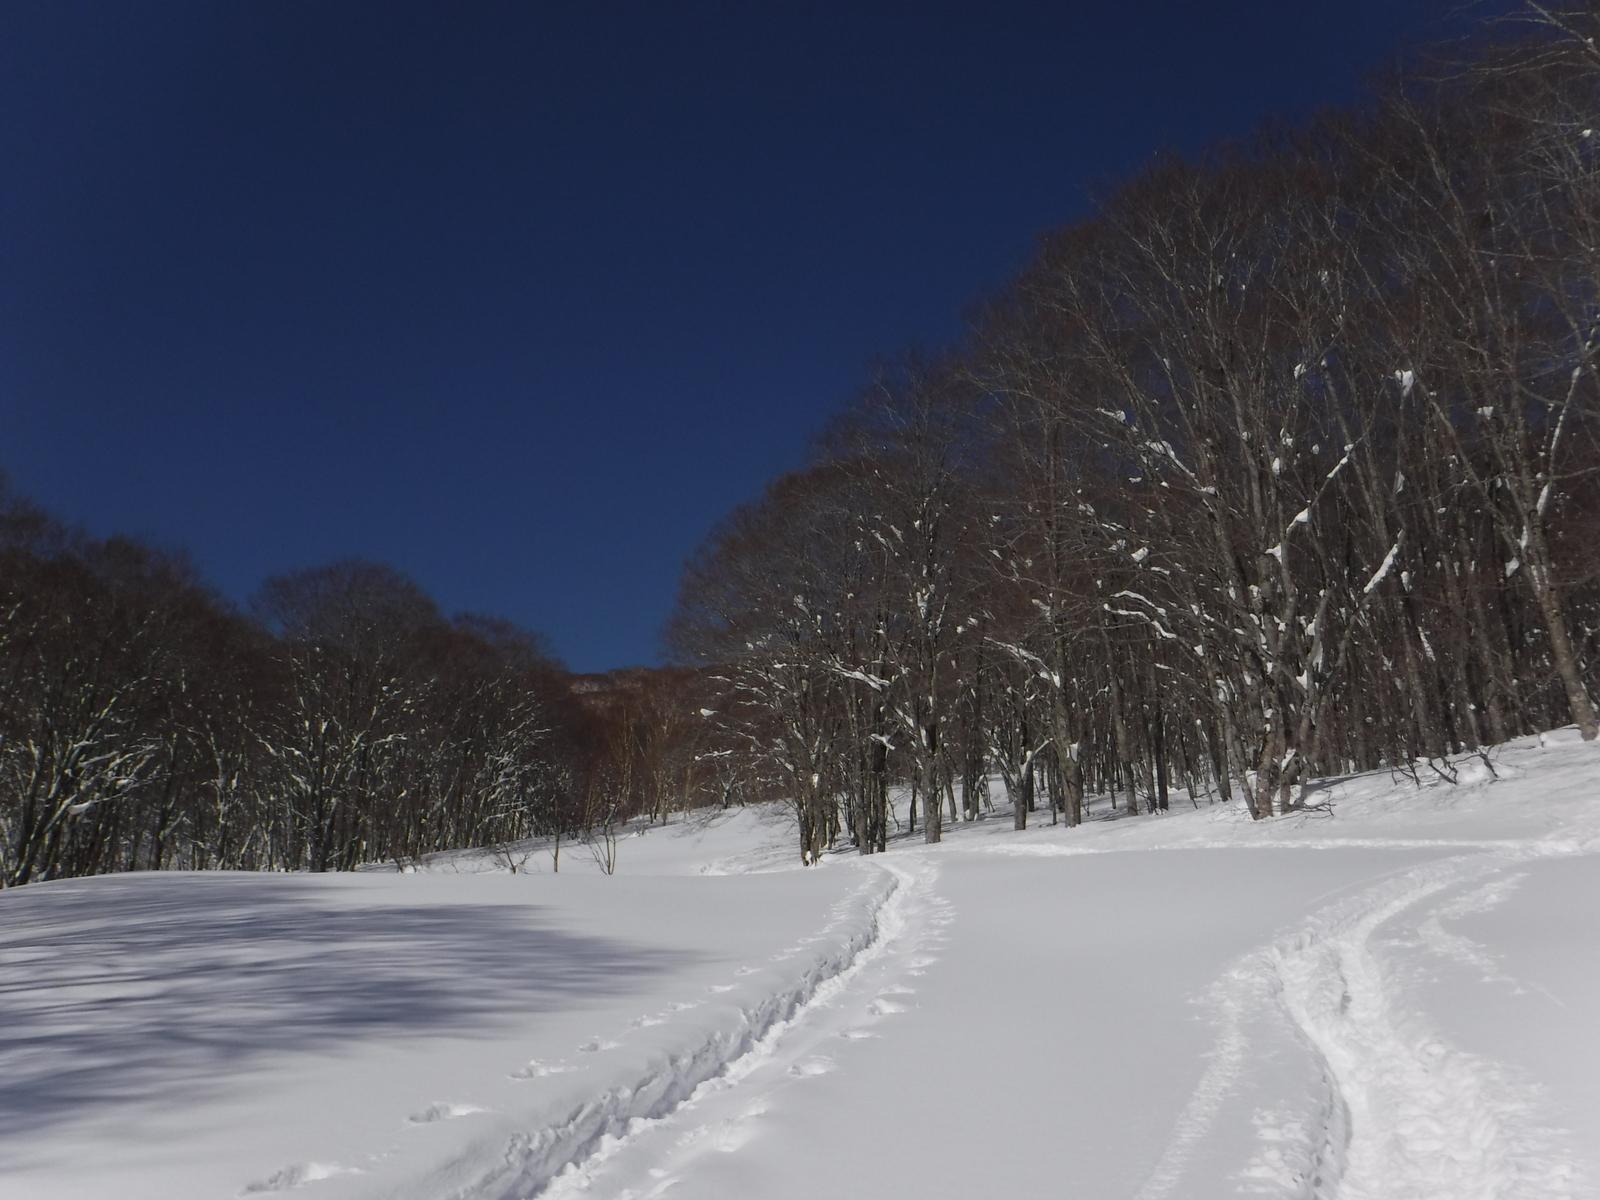 9:50 池の平スキー場、リフトの支柱だけ残る旧コースを登る